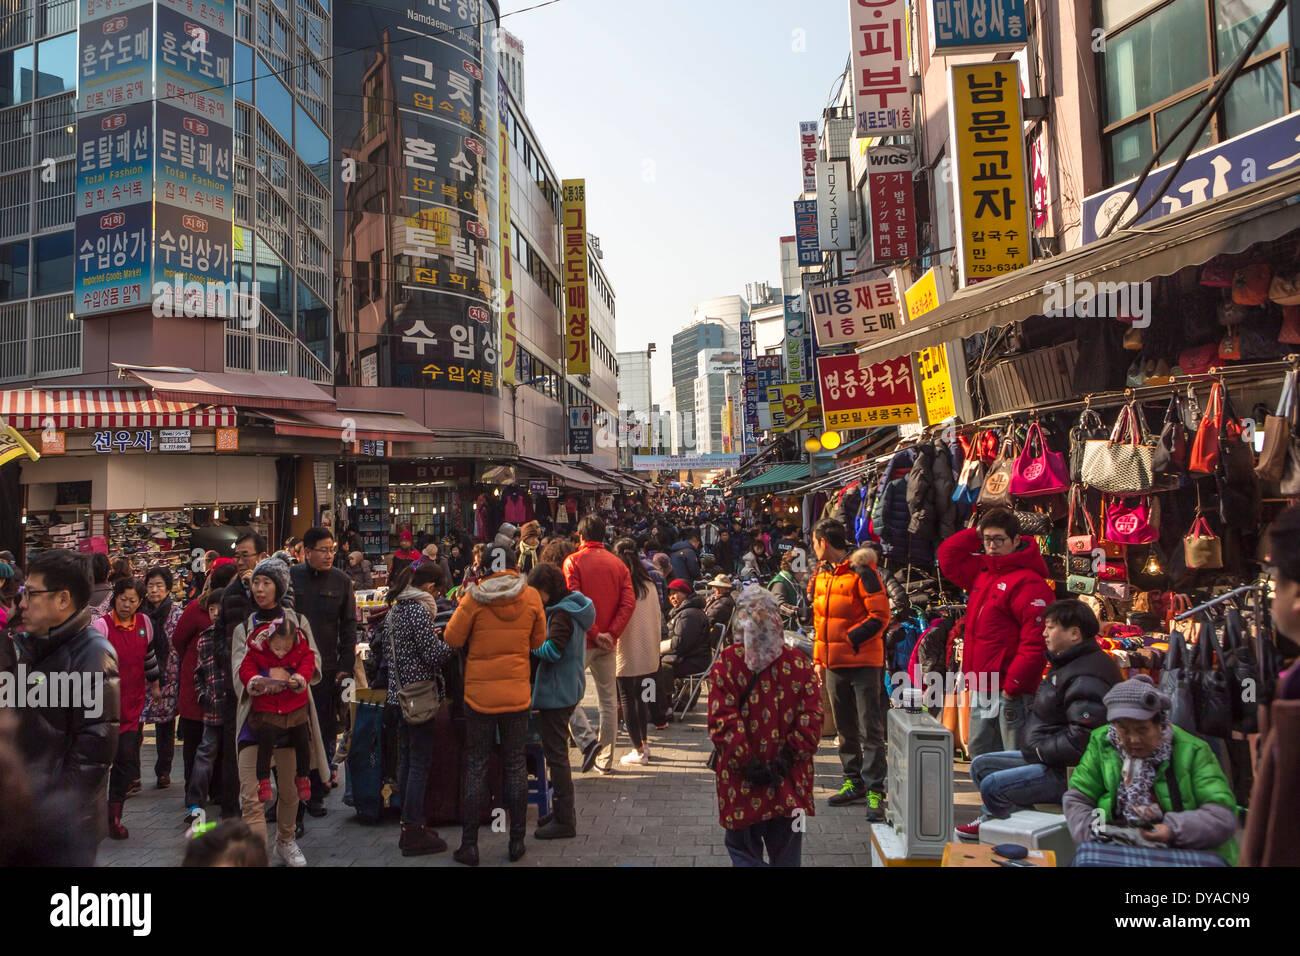 Corea Asia Myeongdong Seúl City Landmark colorido mercado escena popular calle comercial tradicional de viajes turísticos peopl Imagen De Stock